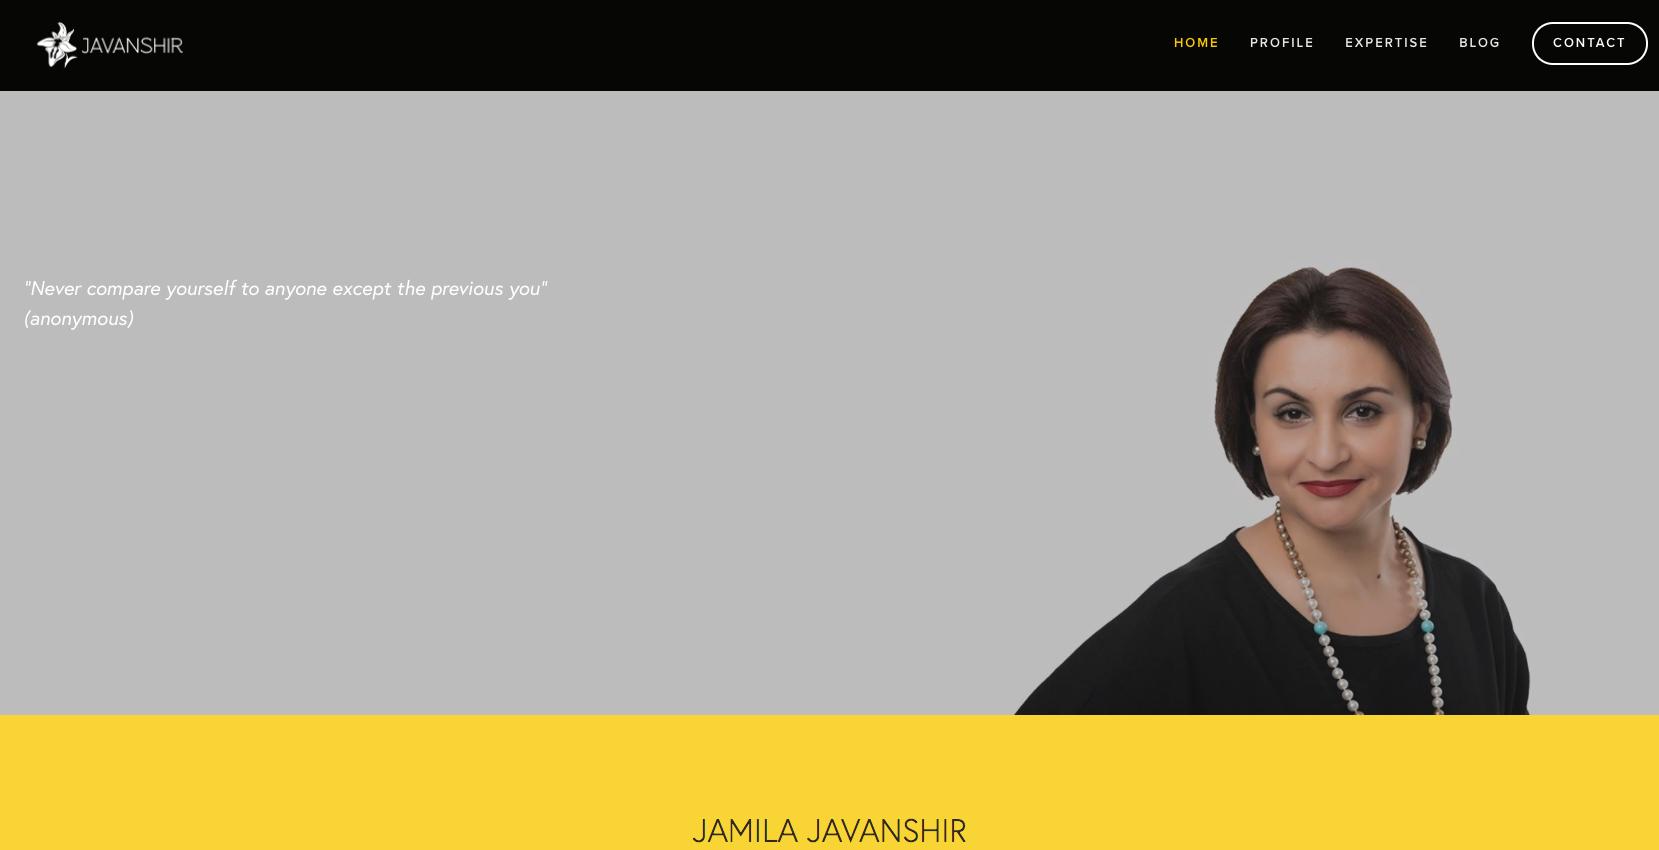 Jamila Javanshir website by Social Star